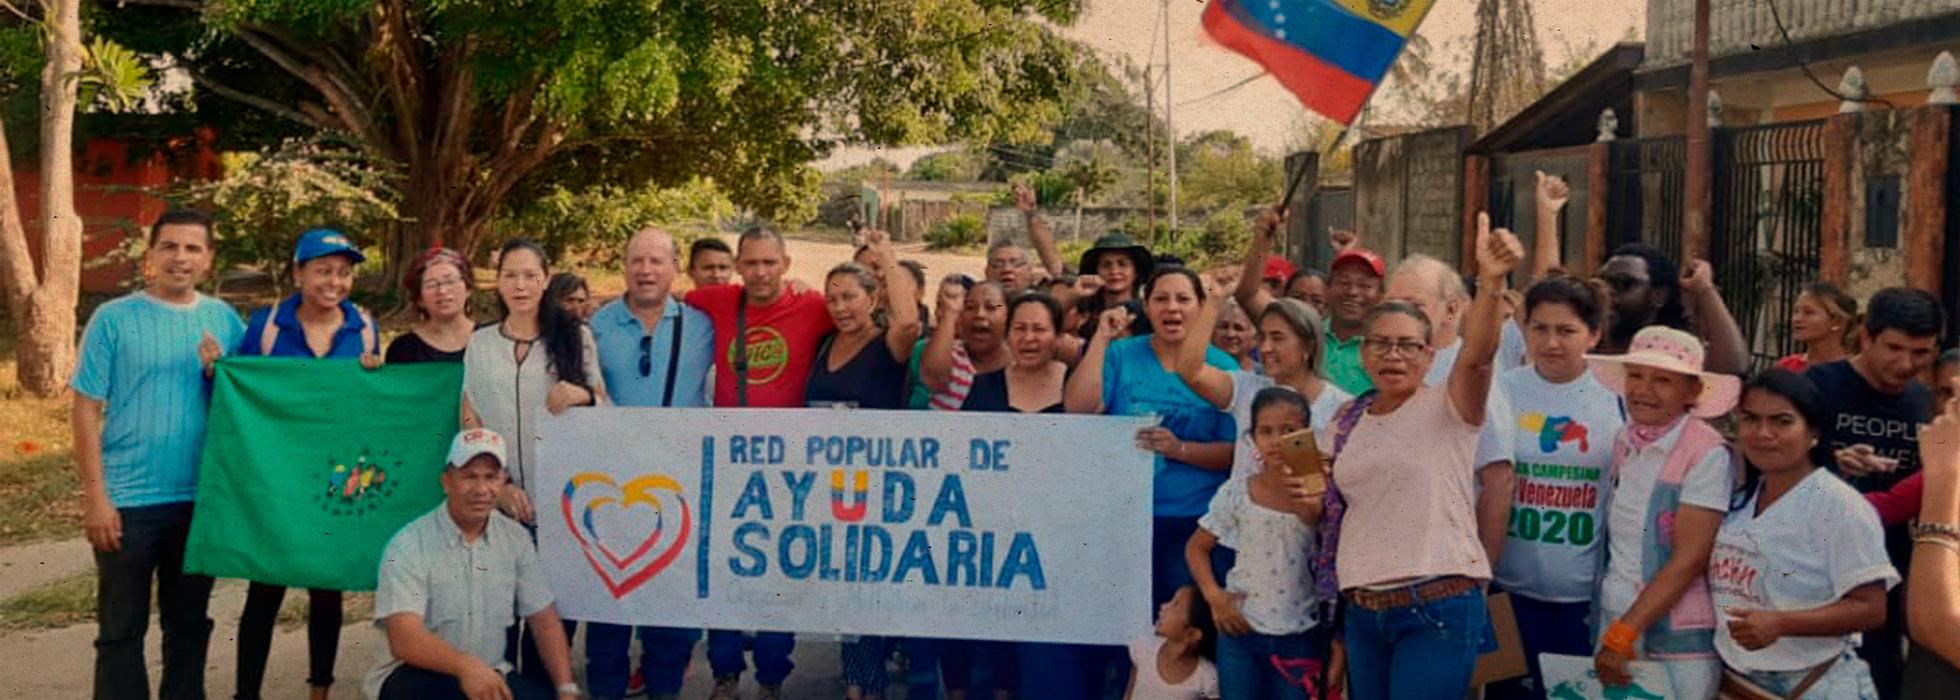 Terminó Misión de Solidaridad de La Vía Campesina en Venezuela